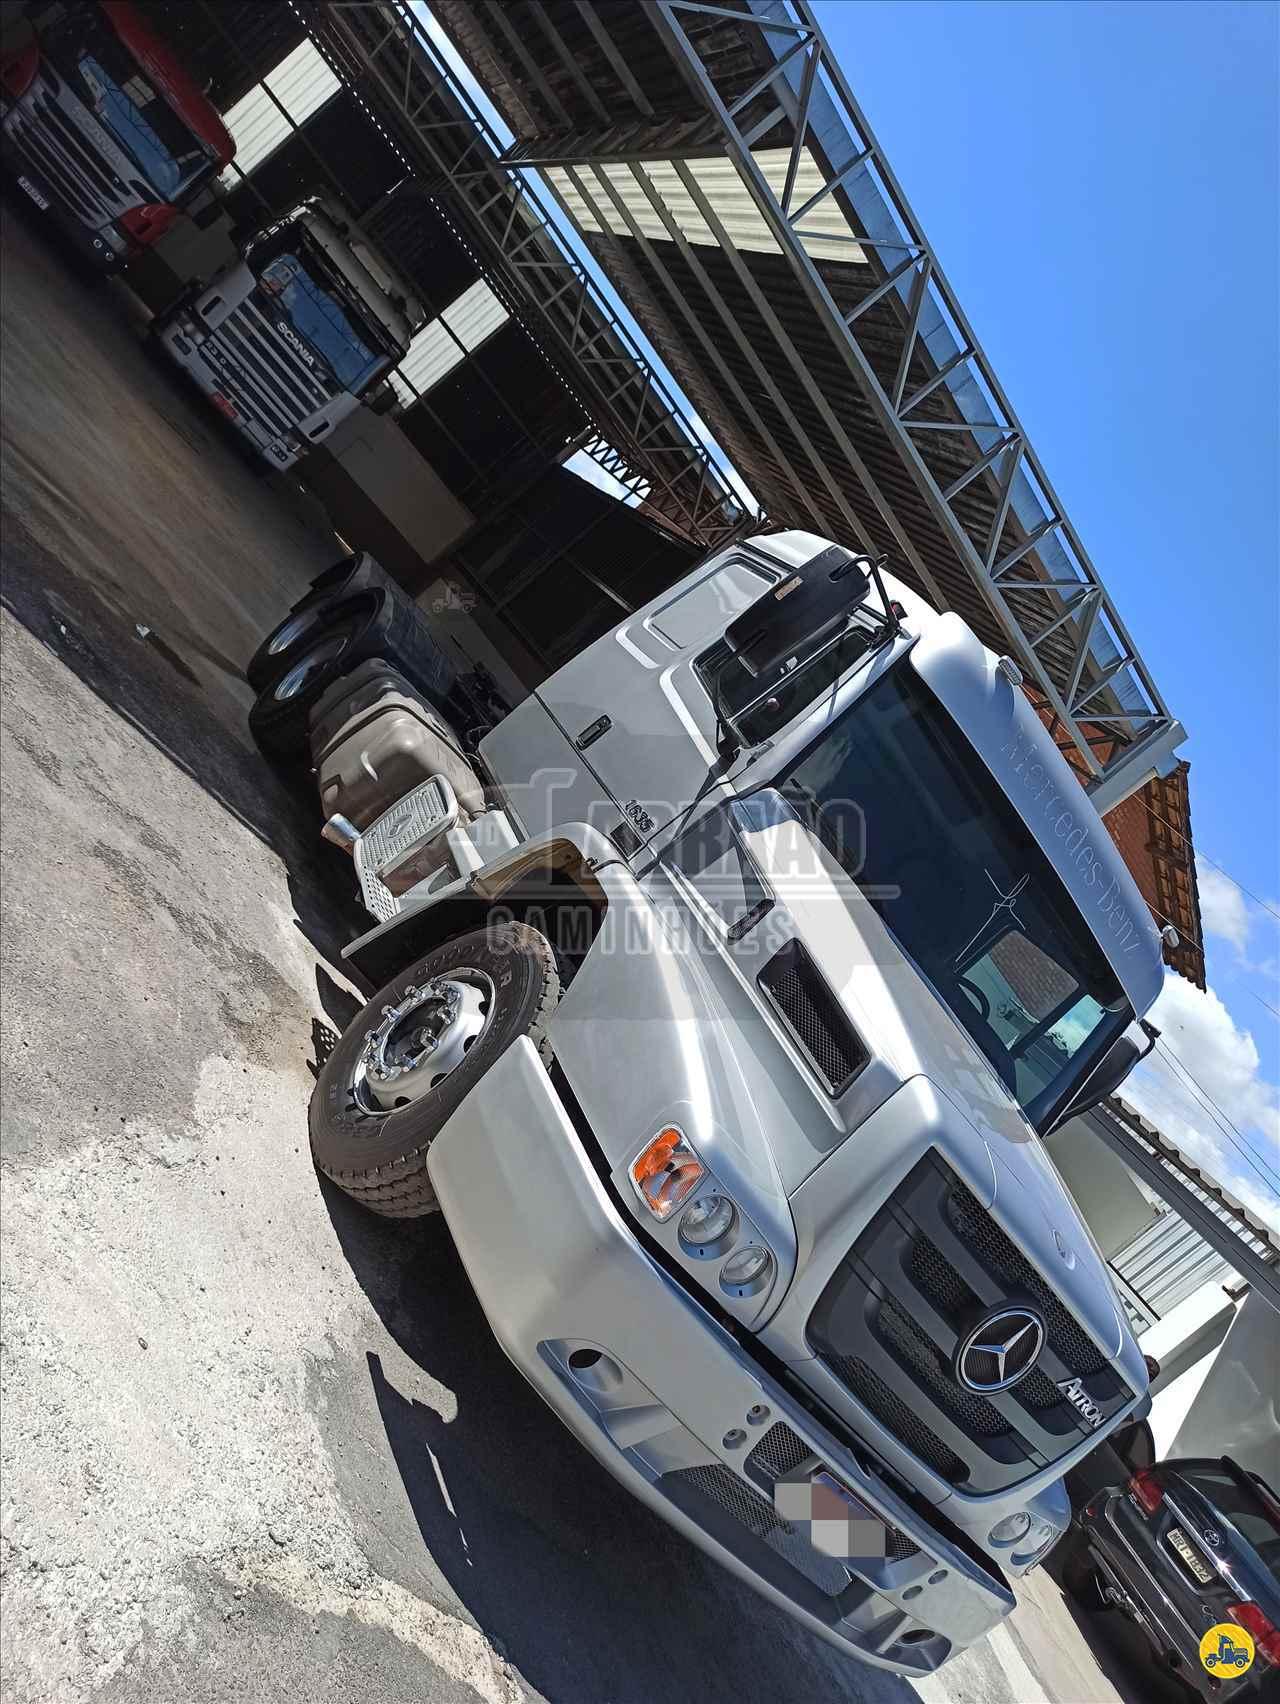 CAMINHAO MERCEDES-BENZ MB 1635 Cavalo Mecânico Truck 6x2 FSA Caminhões CONTAGEM MINAS GERAIS MG